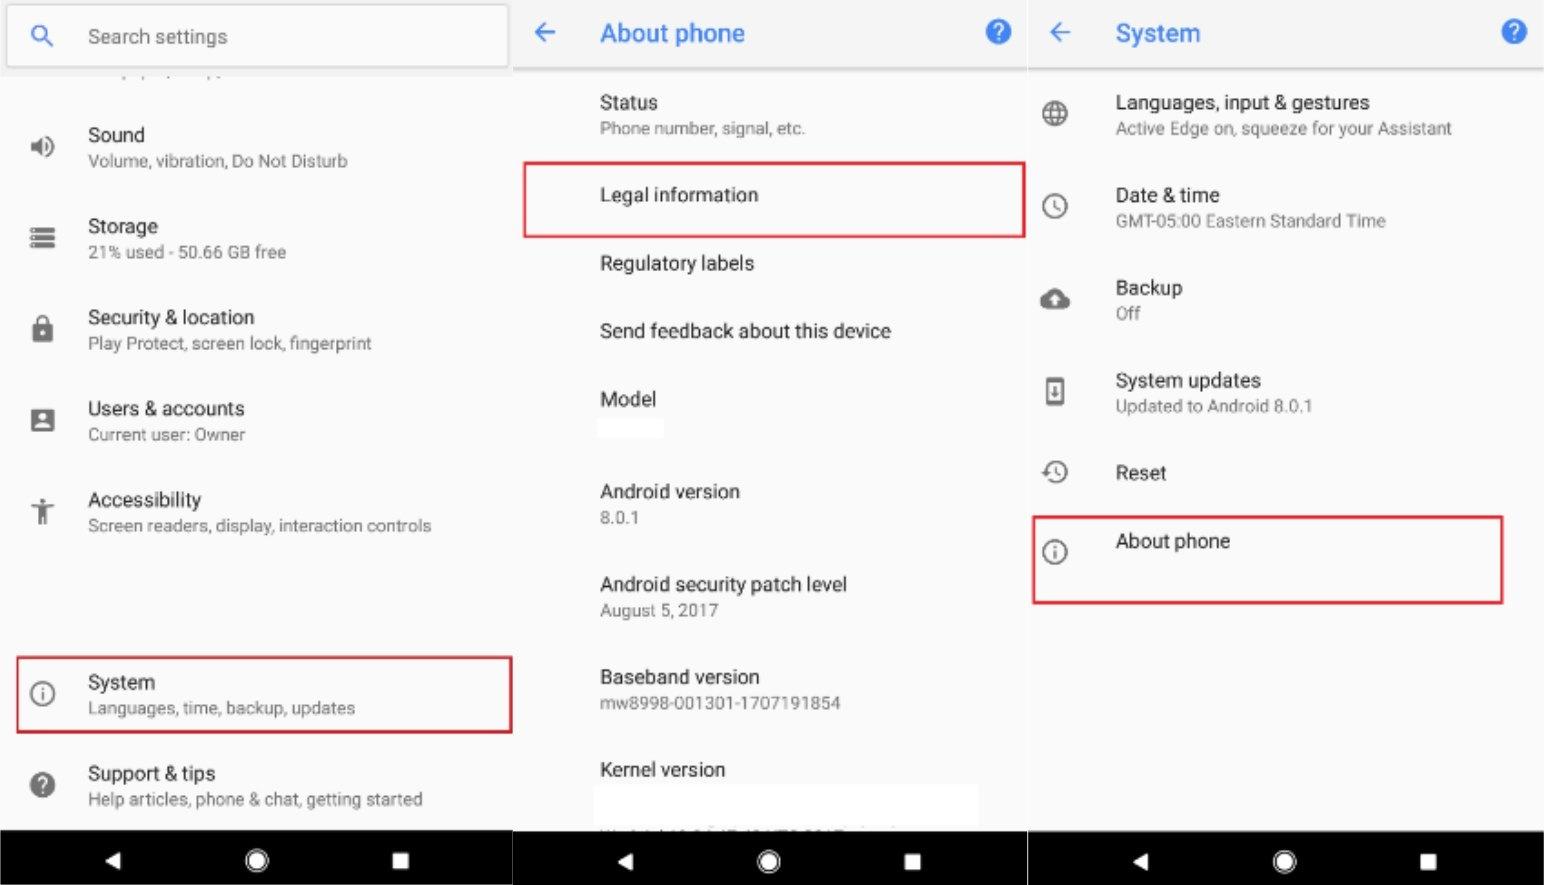 Смартфон Google Pixel 2 с Android 8.0.1 прошел сертификацию FCC, подтверждены чувствительные к нажатиям грани Active Edge